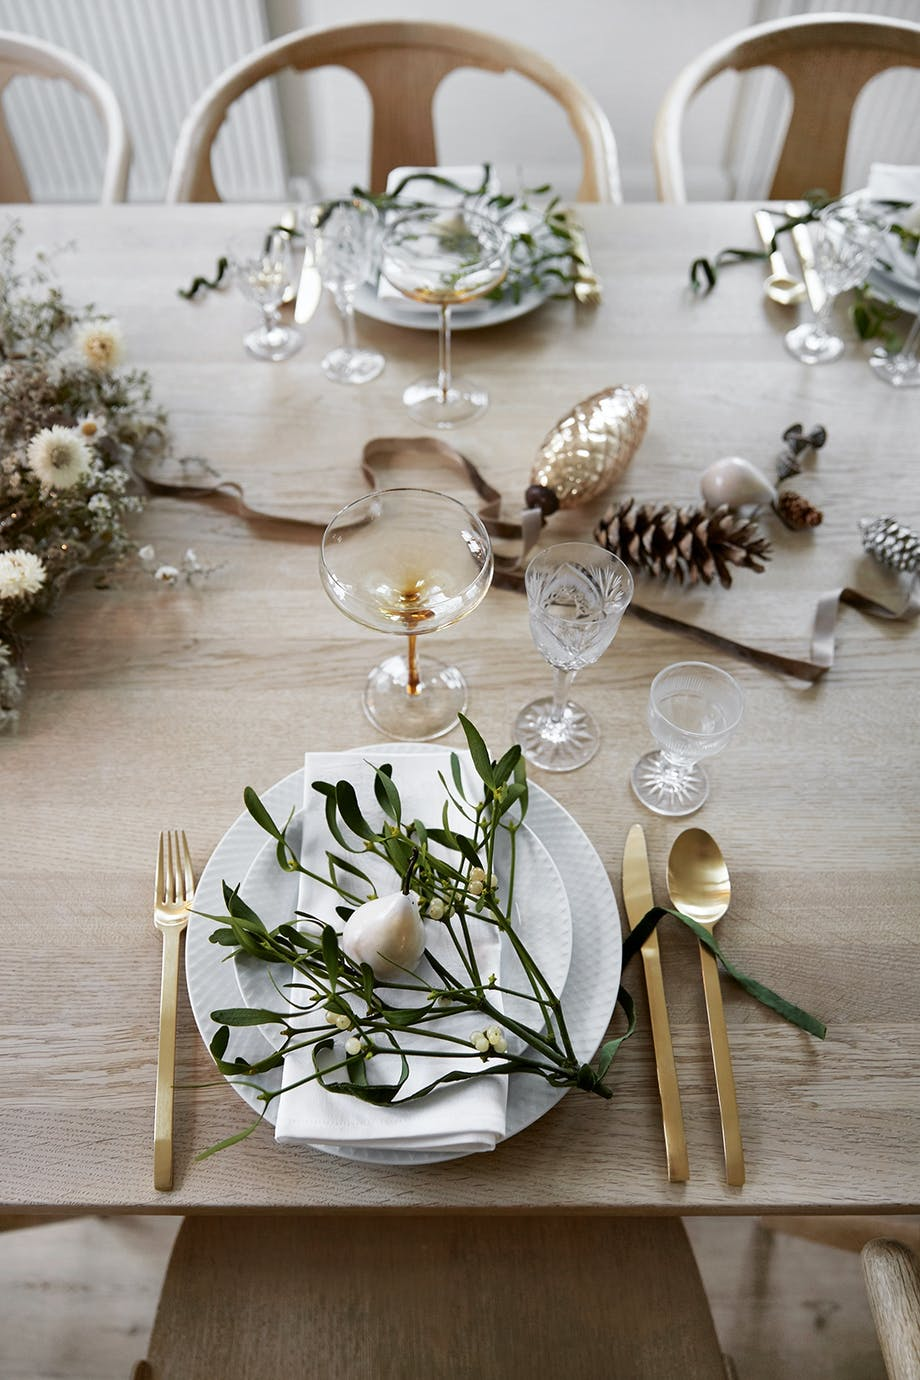 borddækning bestik opdækning julepynt